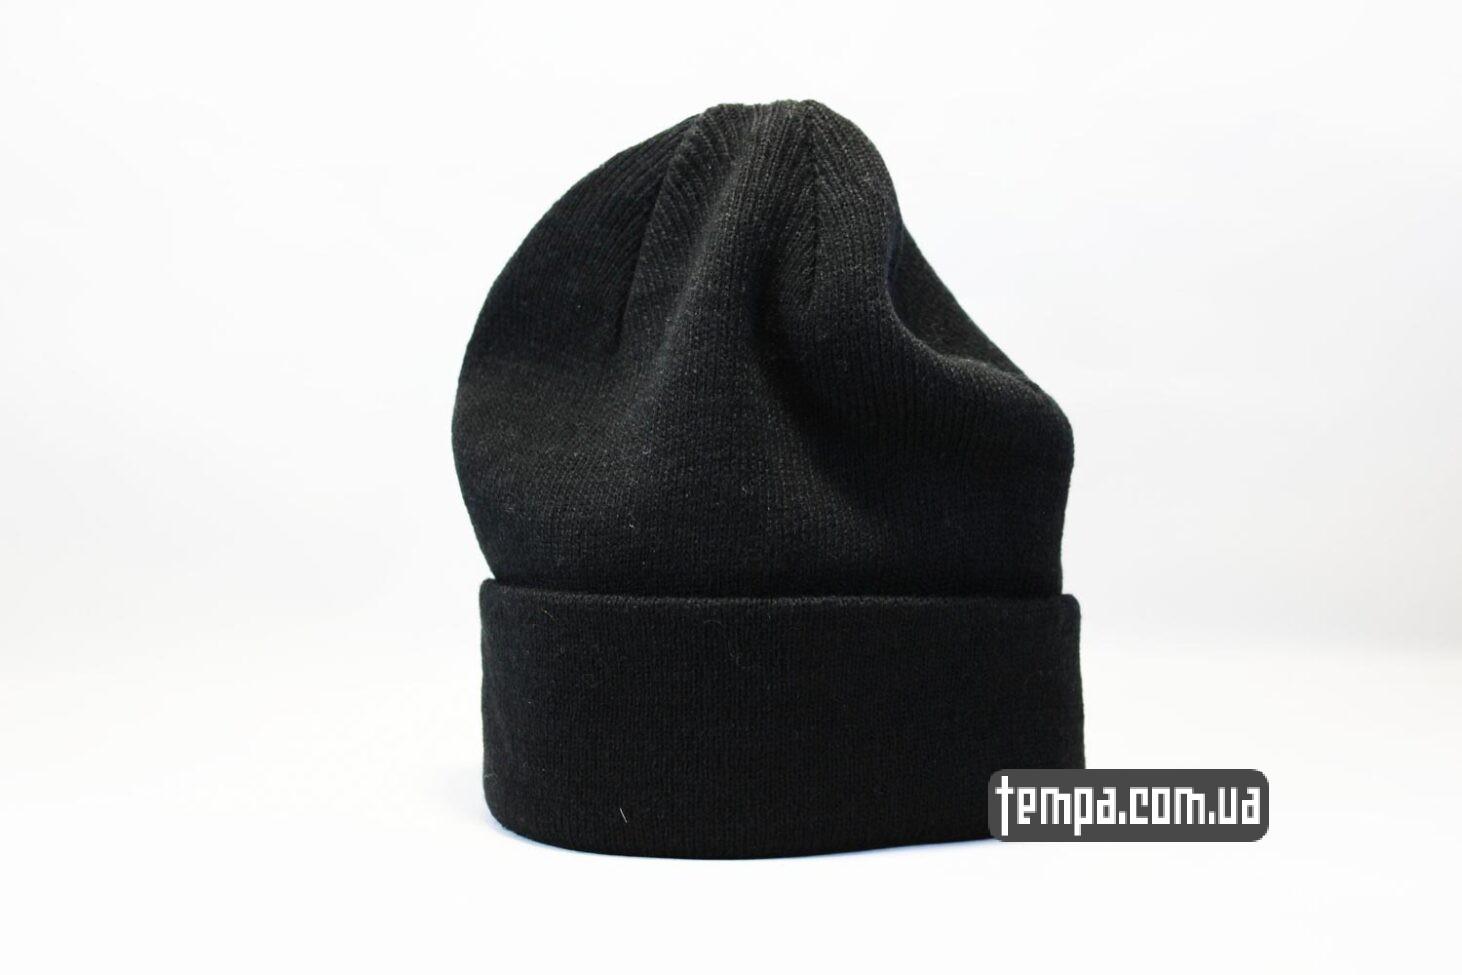 Украина купить шапка beanie черная однотонная без логотипов asos hm